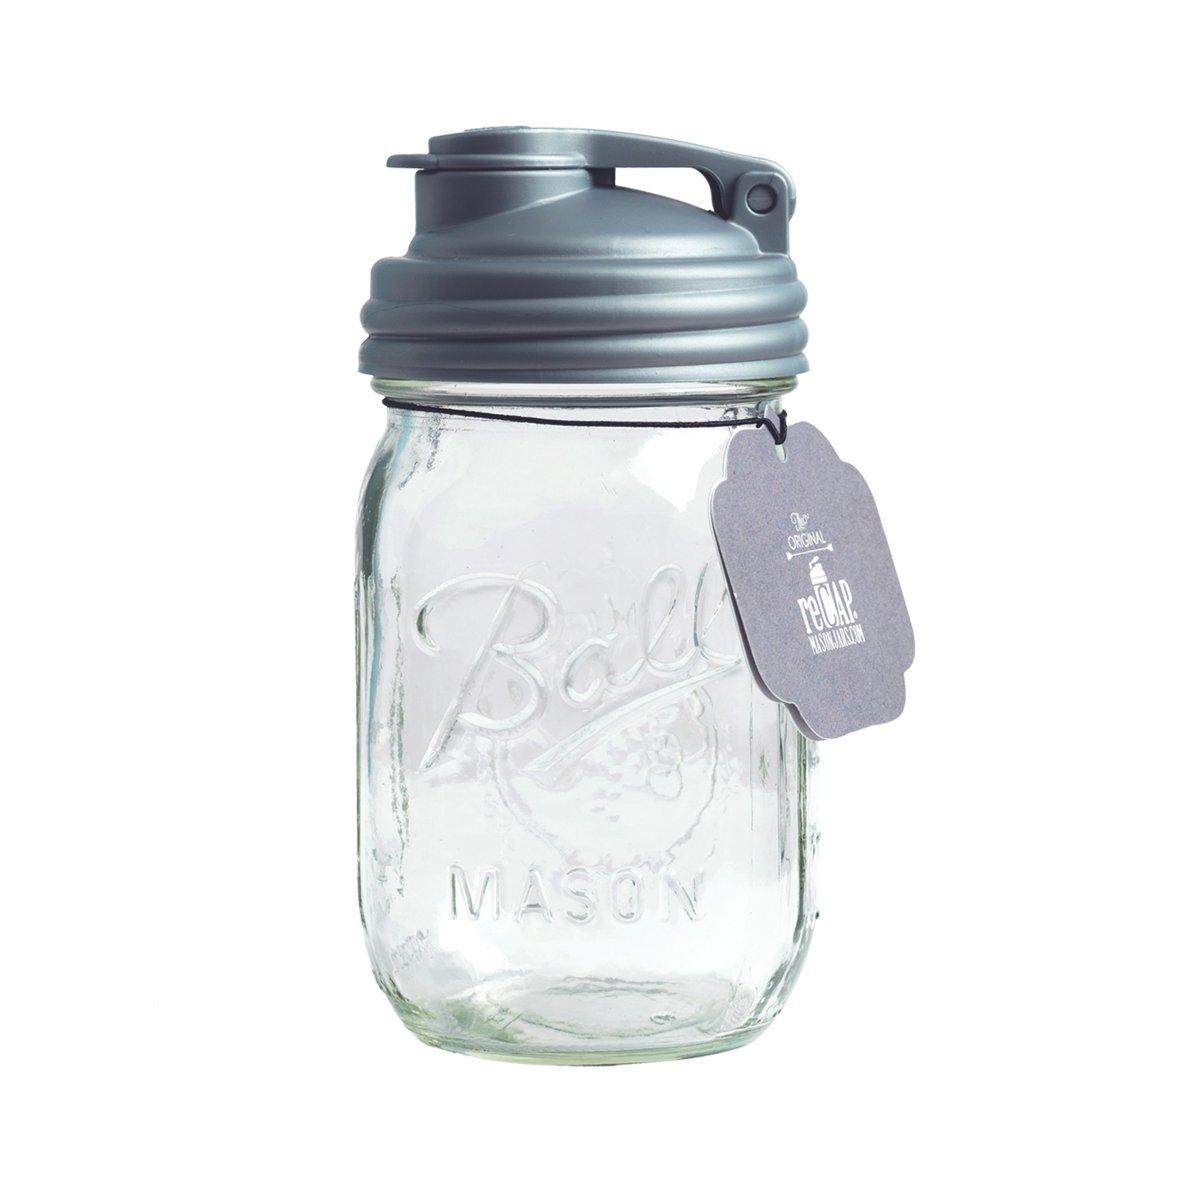 reCAP Mason Jars POUR Cap & Ball Pint Jar, Regular Mouth, Silver